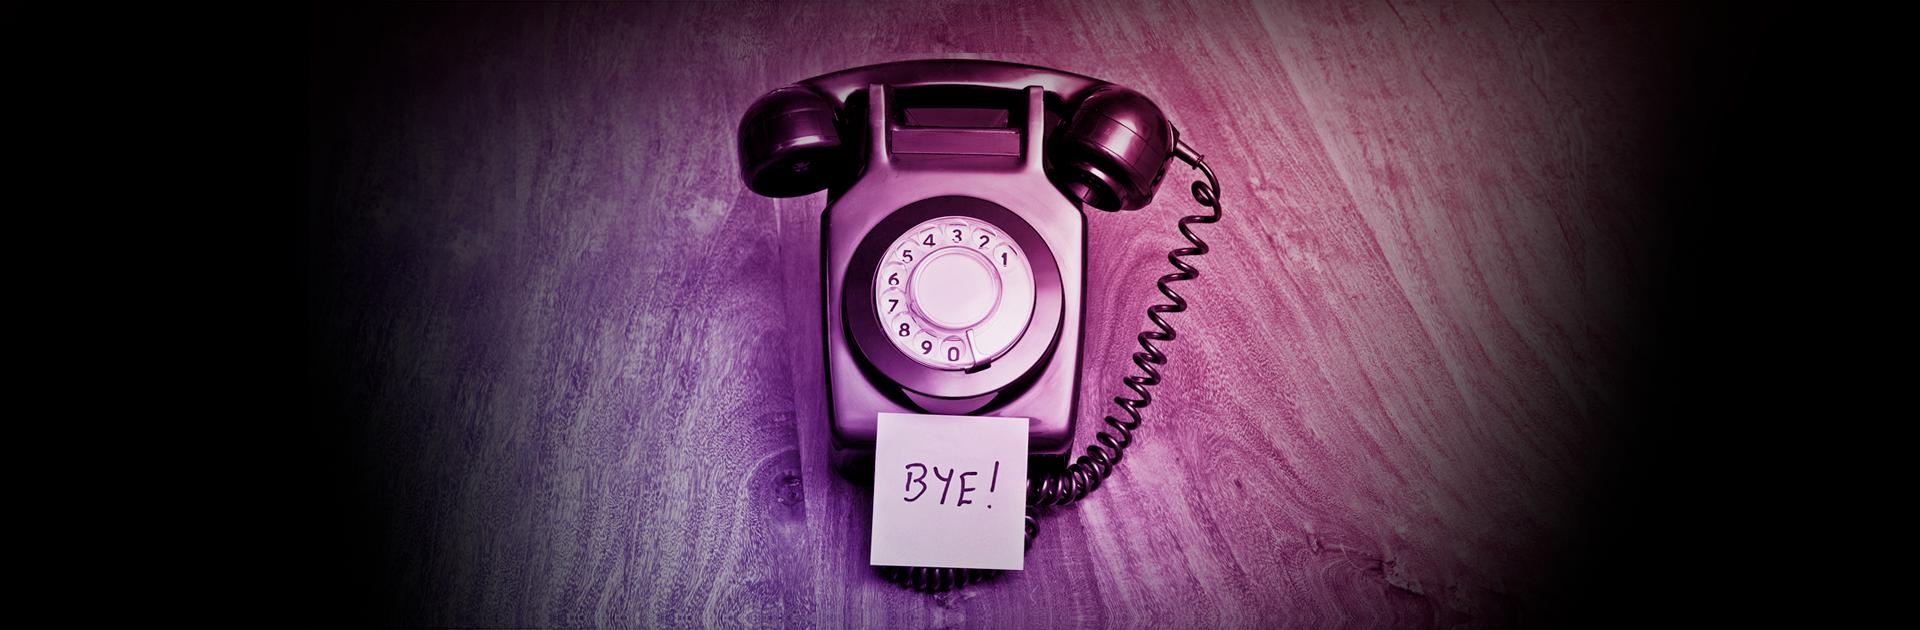 Como migrar do atendimento telefônico para o atendimento multicanal